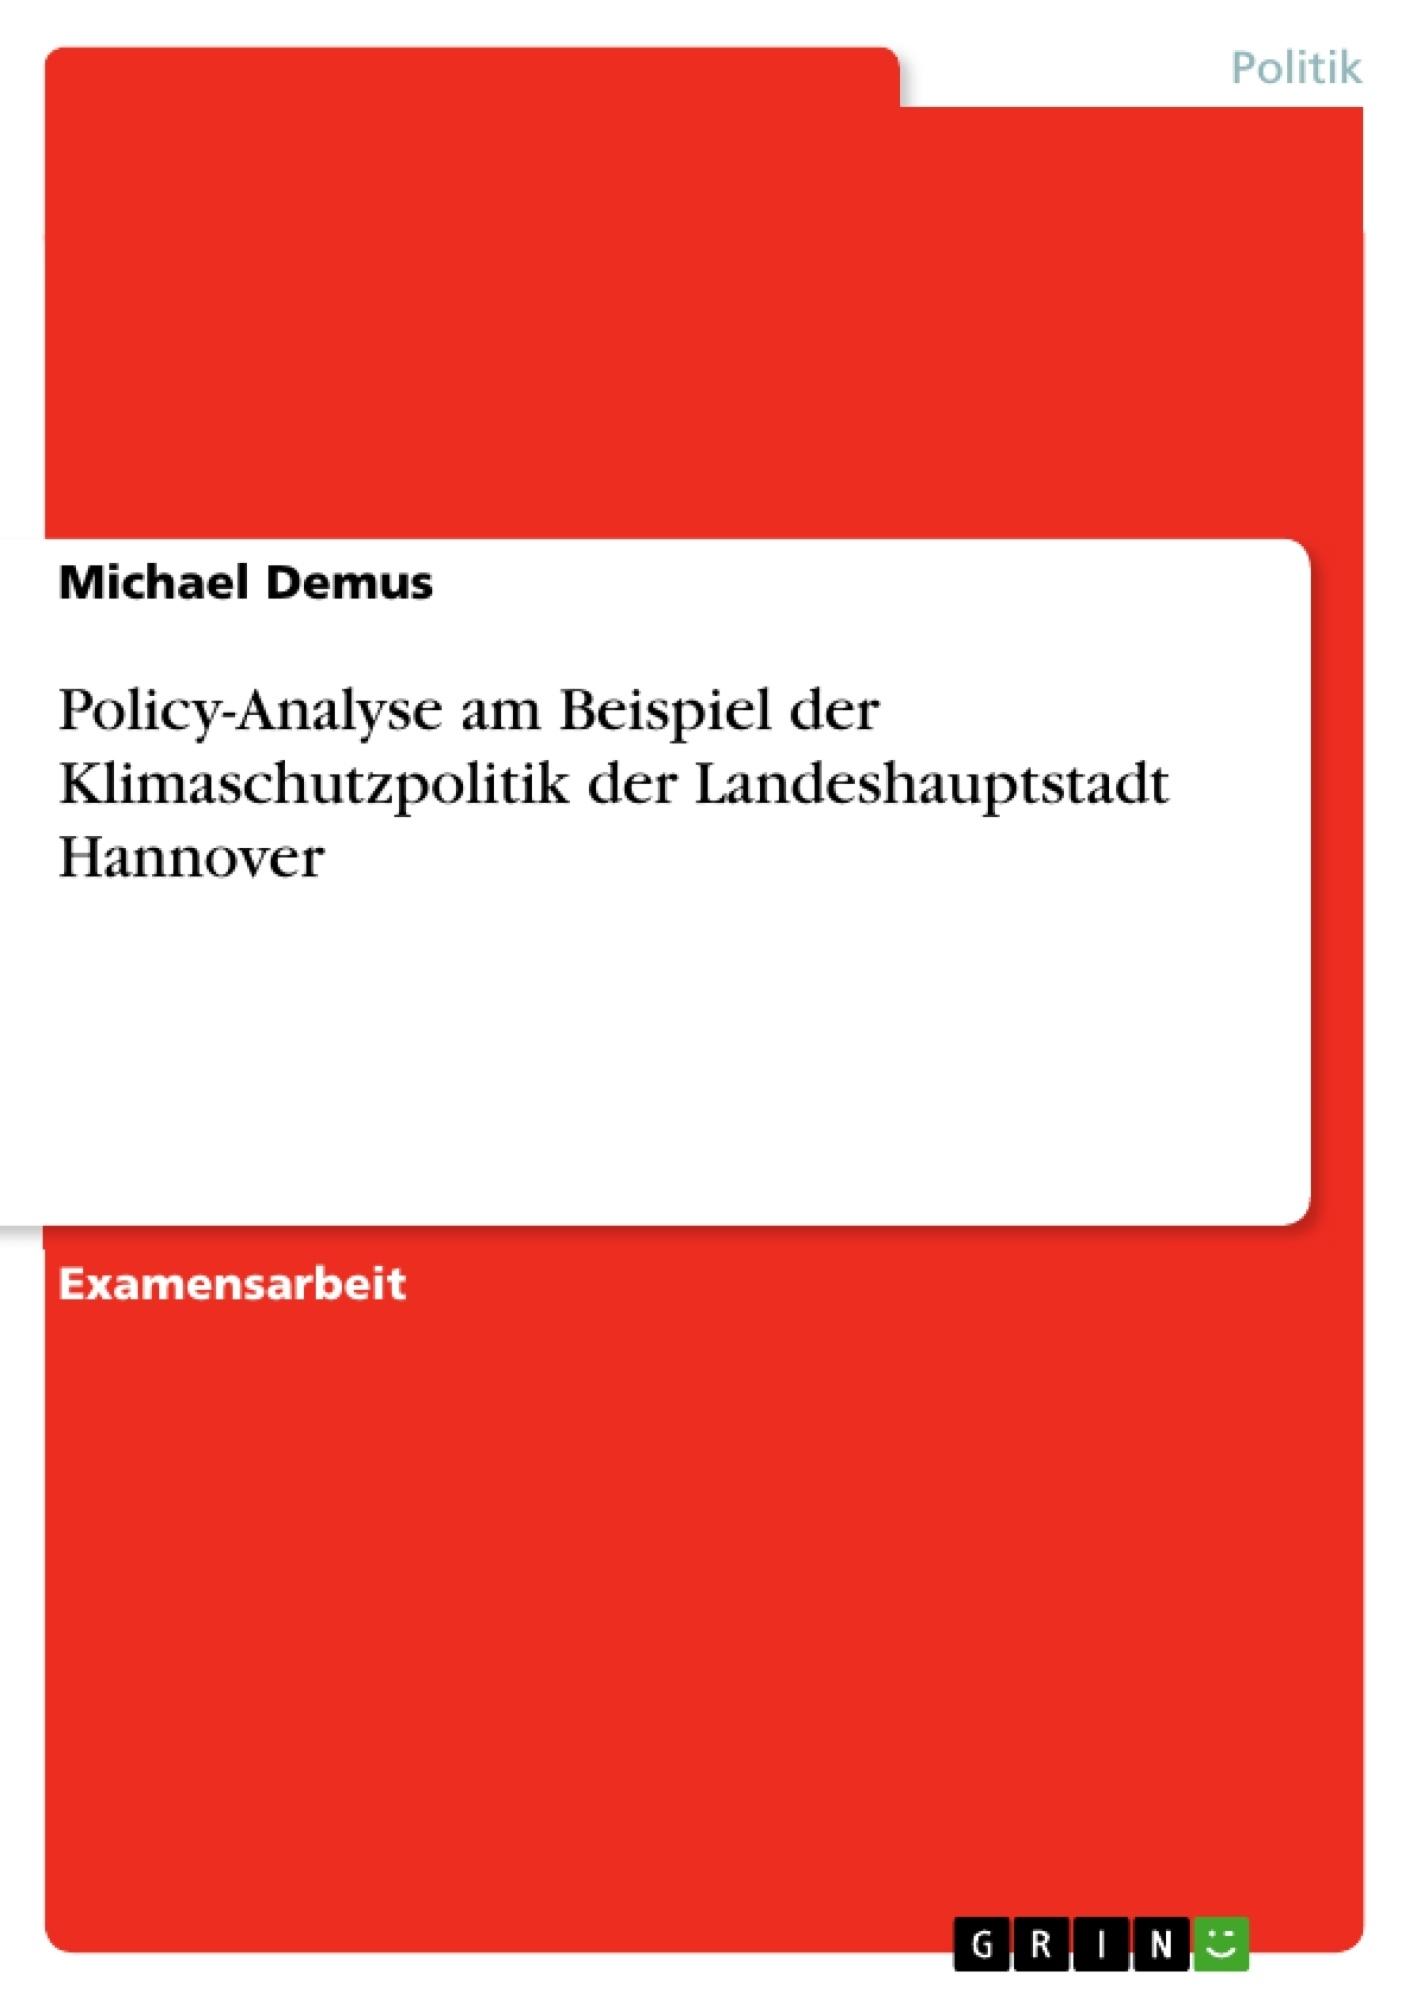 Titel: Policy-Analyse am Beispiel der Klimaschutzpolitik der Landeshauptstadt Hannover